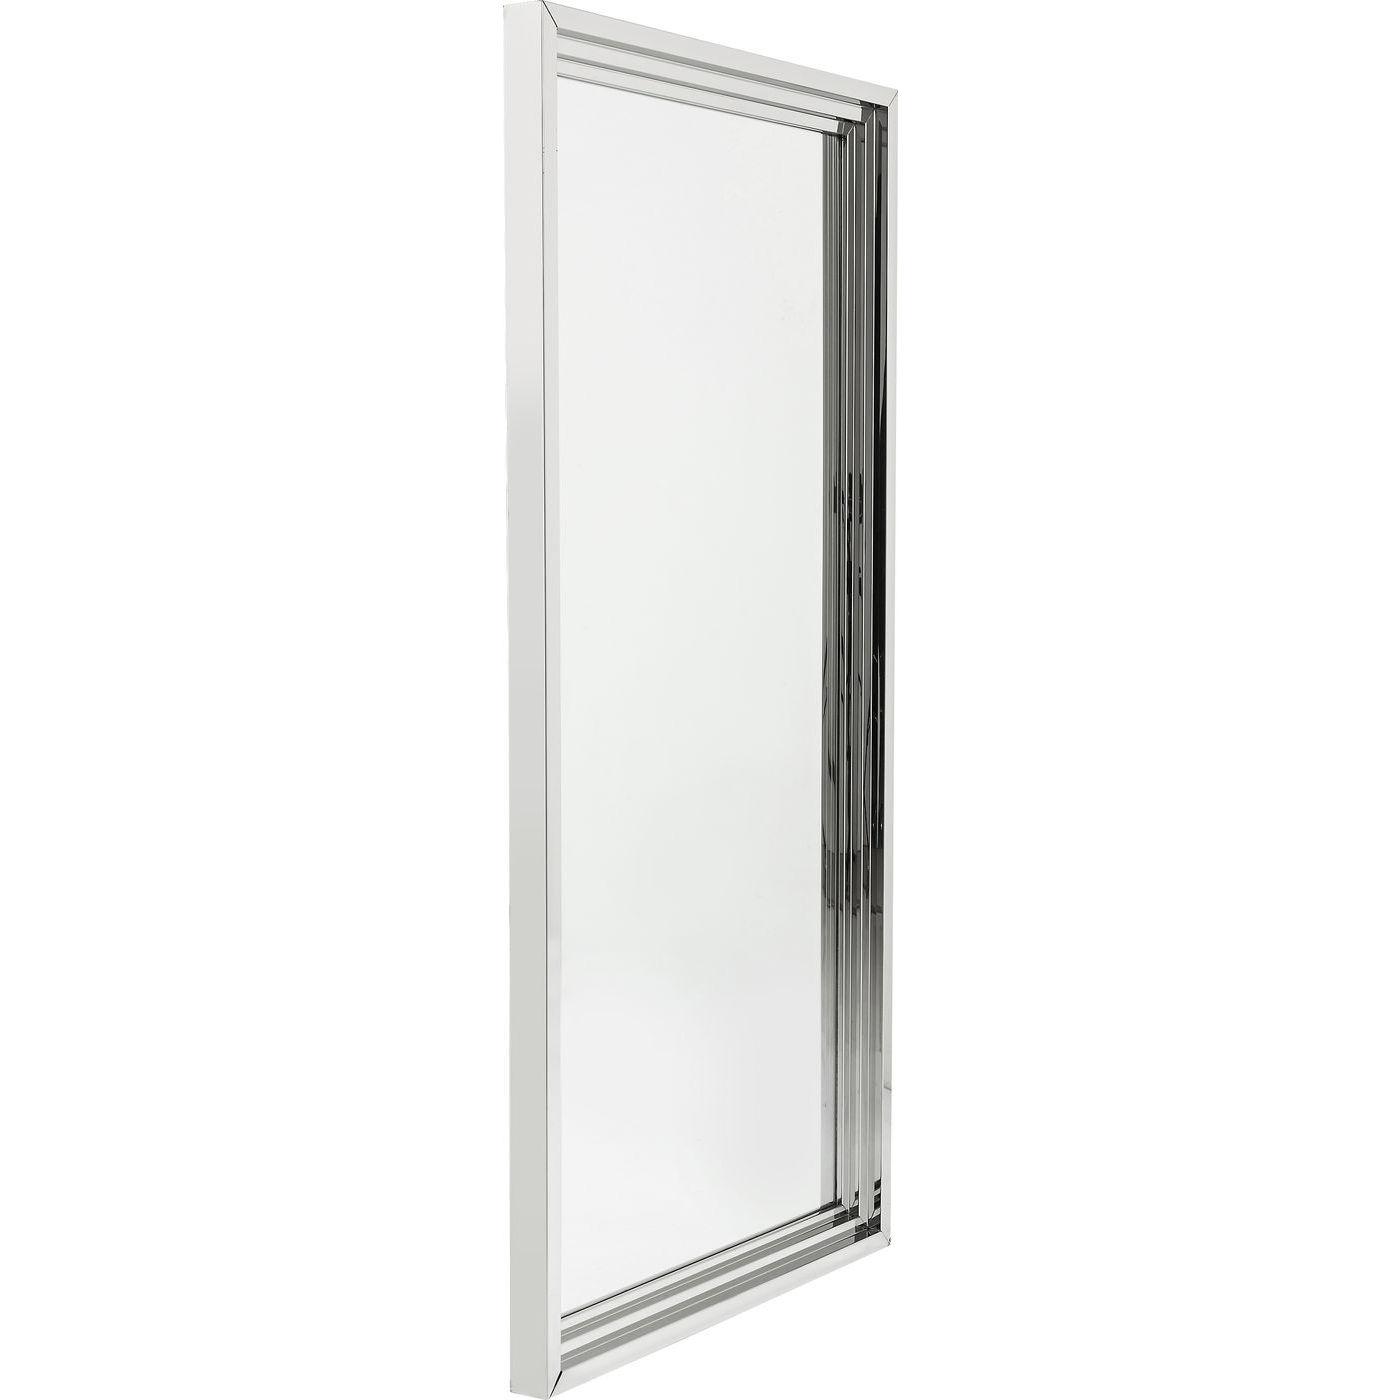 Billede af Kare Design Spejl, Steel Step Silver 180x90cm